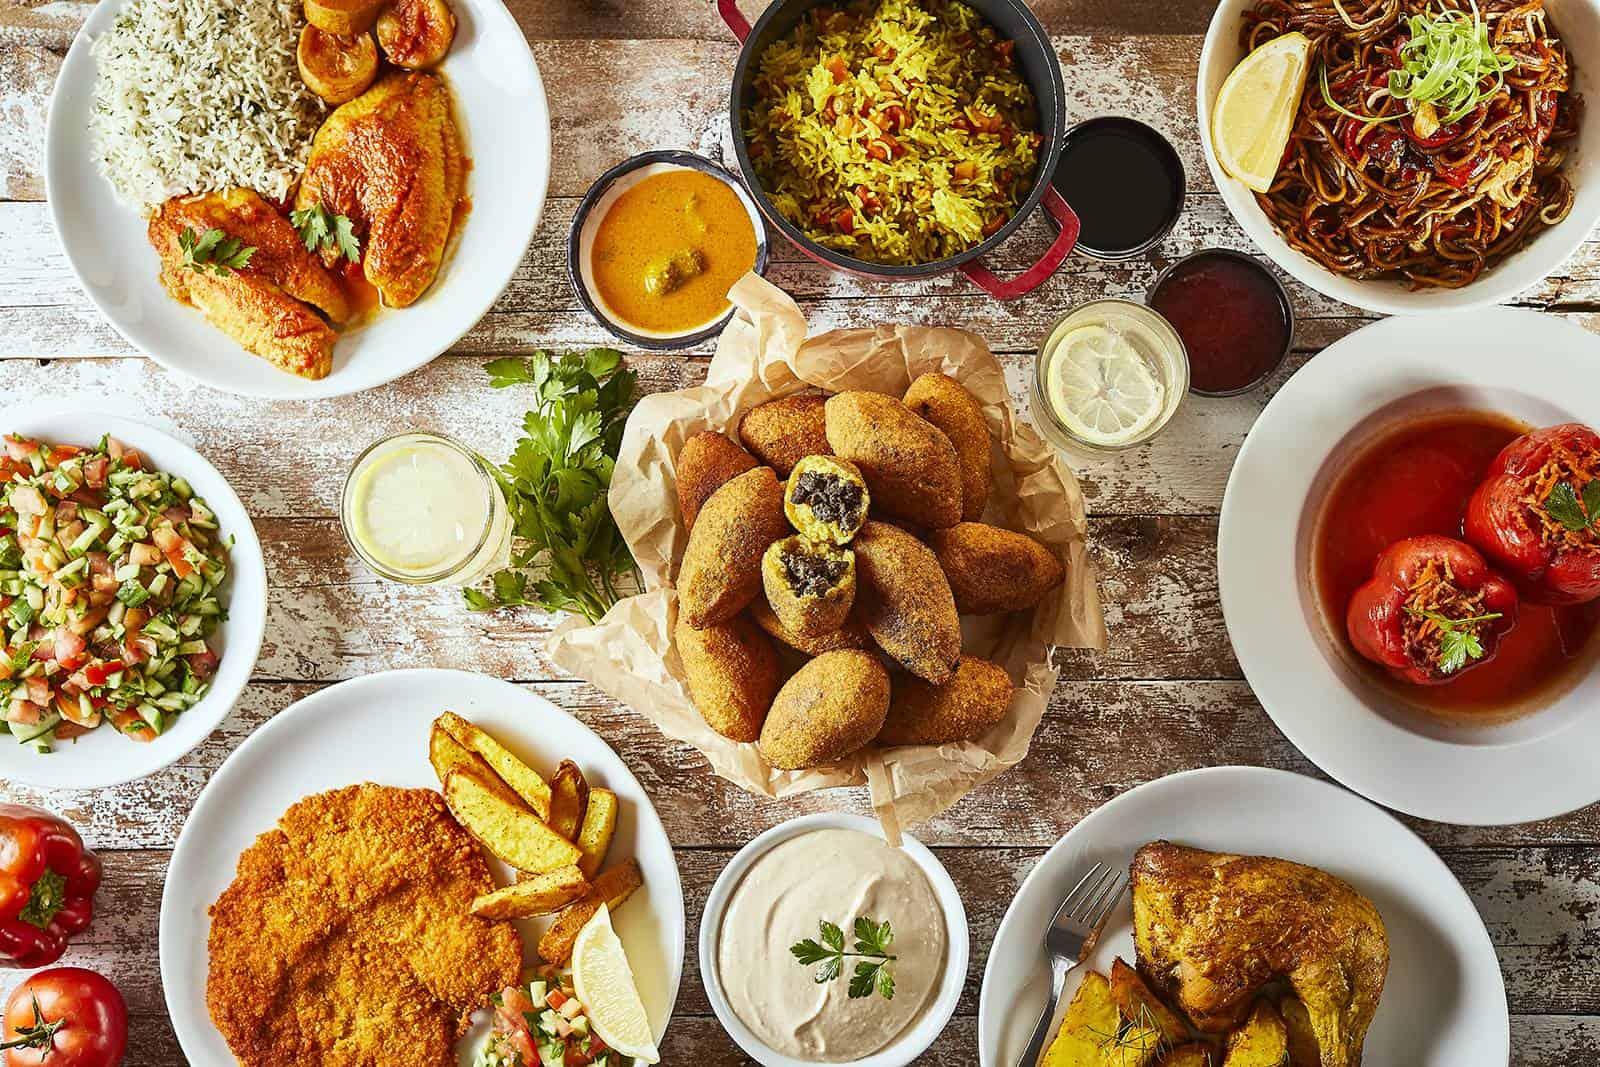 אוכל מנחם במסעדת טעמאמא, צילום: אפיק גבאי